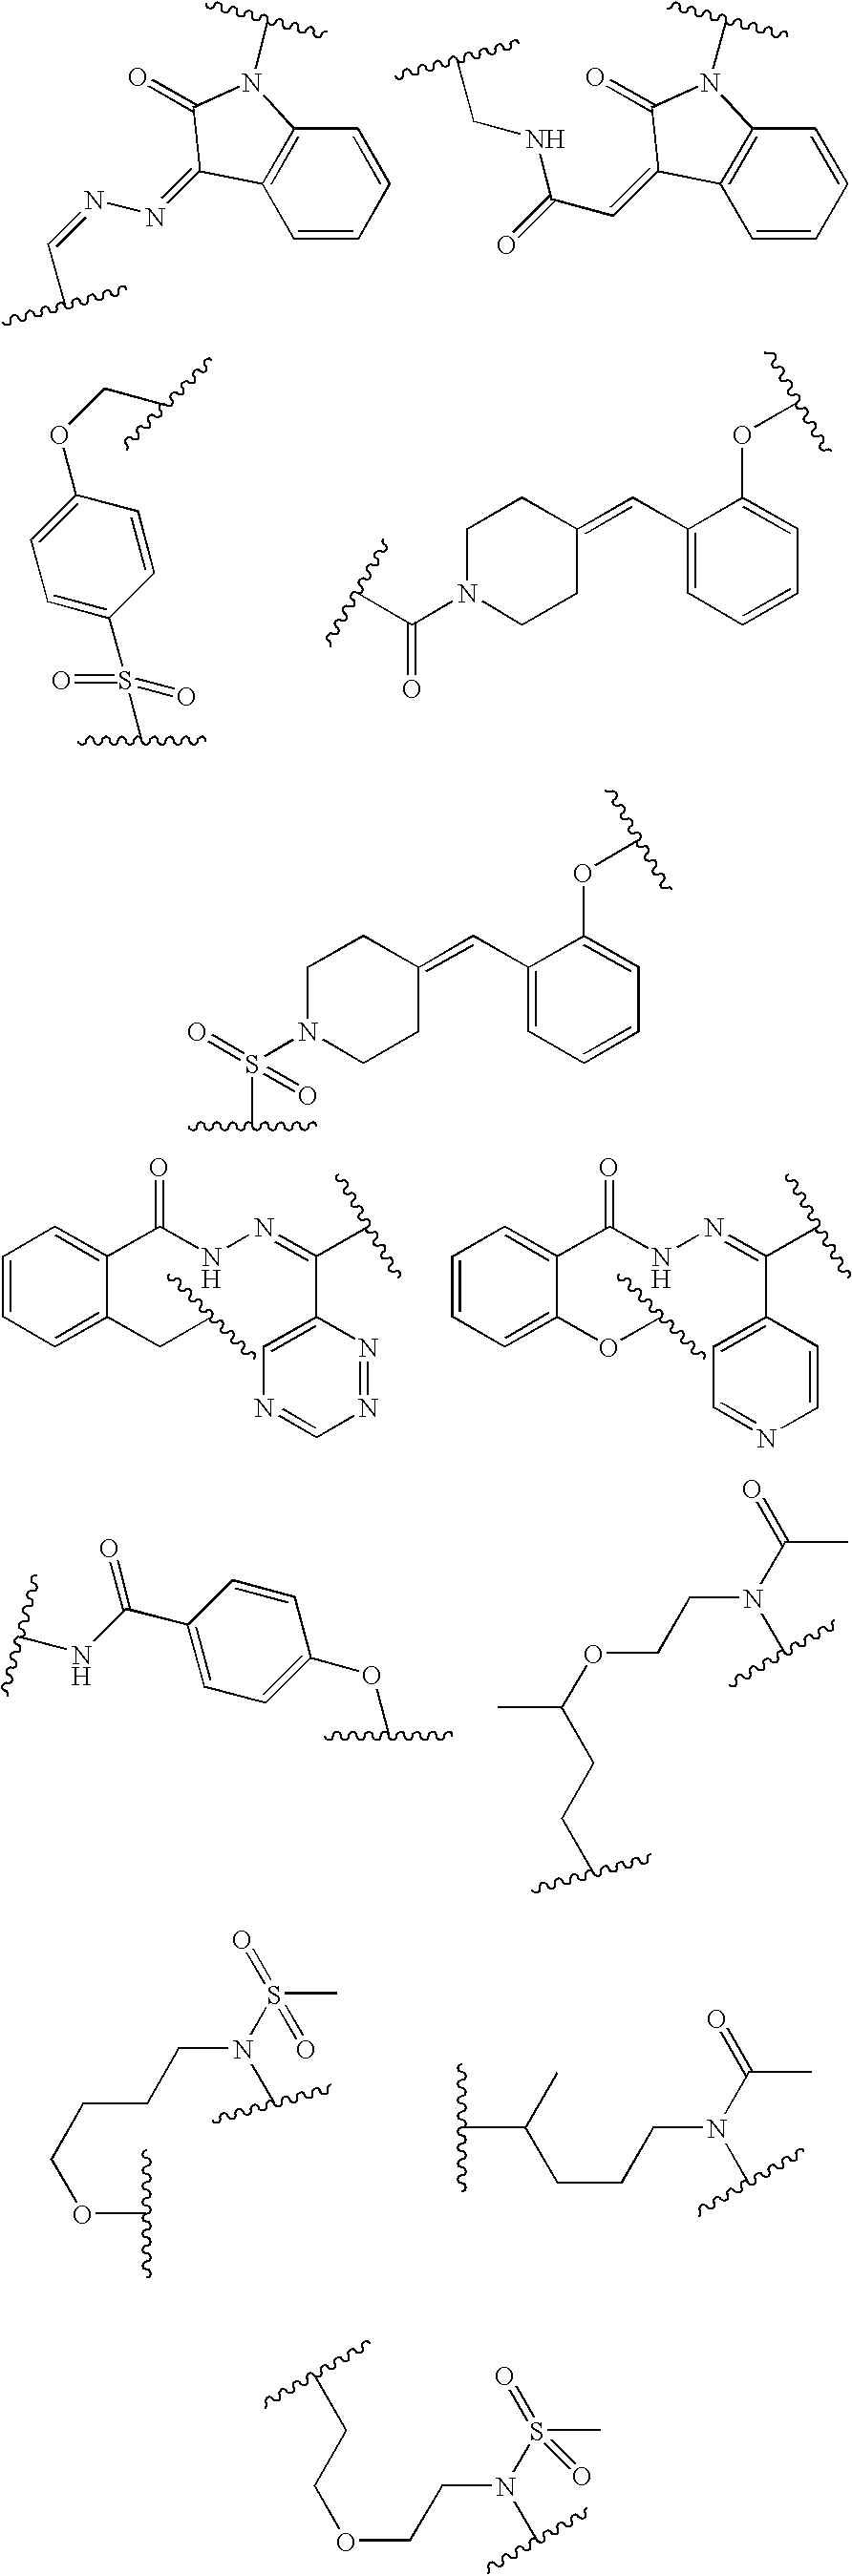 Figure US20040204477A1-20041014-C00005